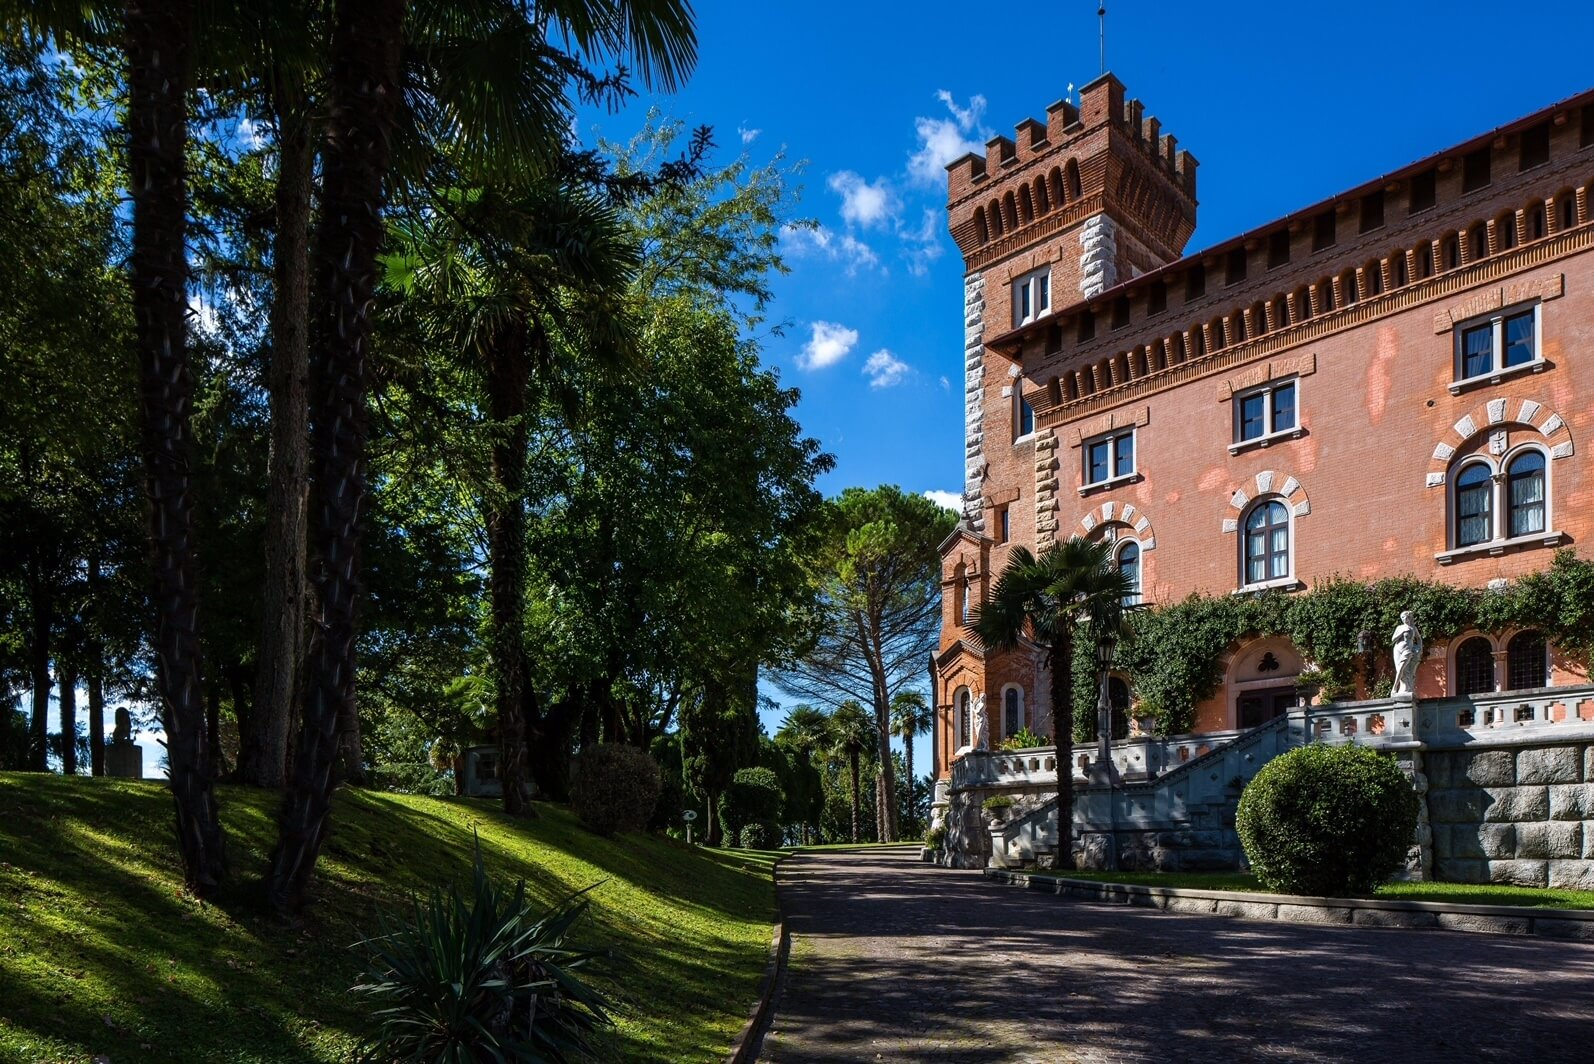 Il Castello di Spessa di Capriva del Friuli  fra le location in cui è stata girata la fiction Il Confine in onda su Rai 1 il 15 e 16 maggio